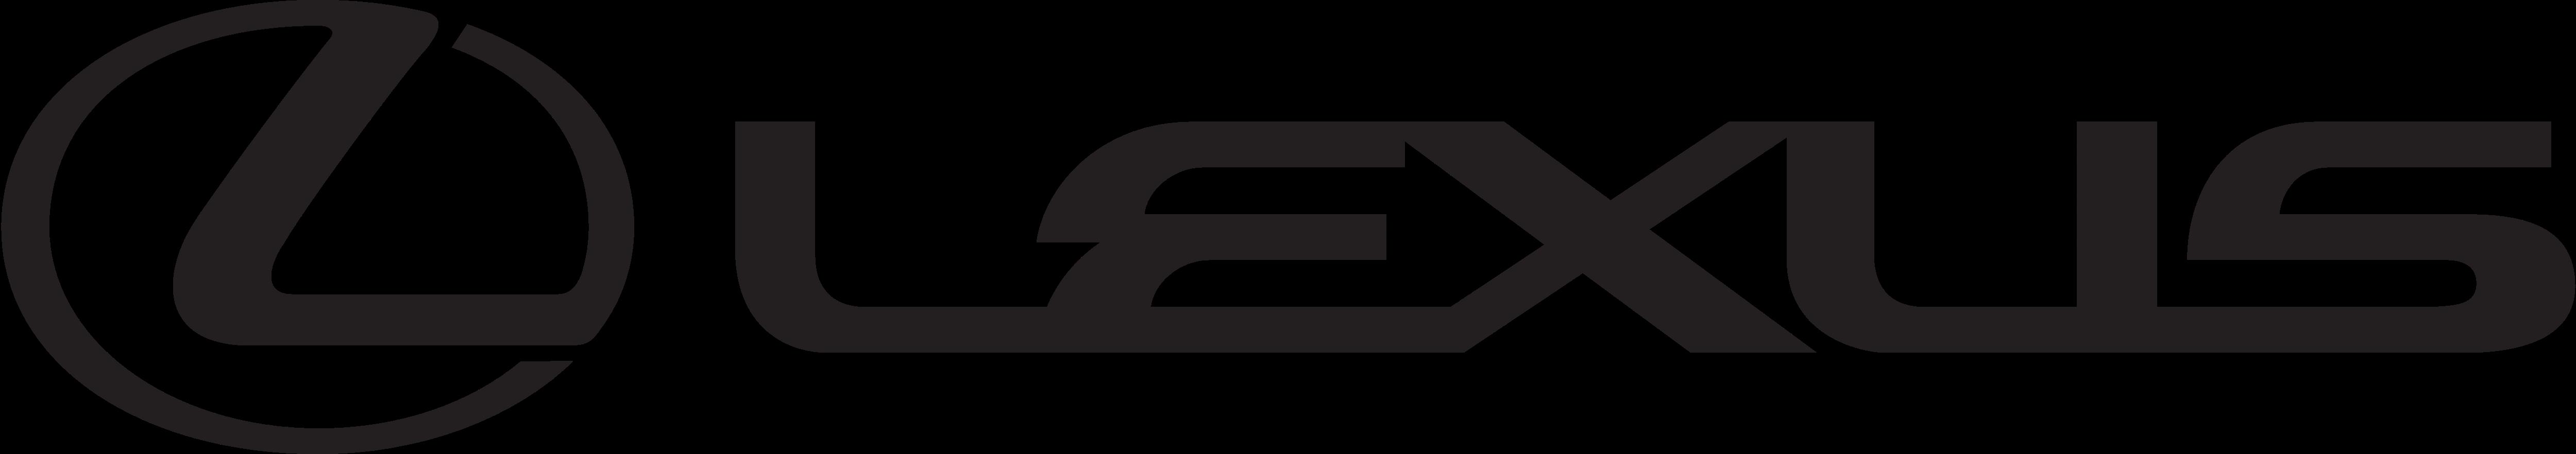 lexus logo. lexus. lexus logo